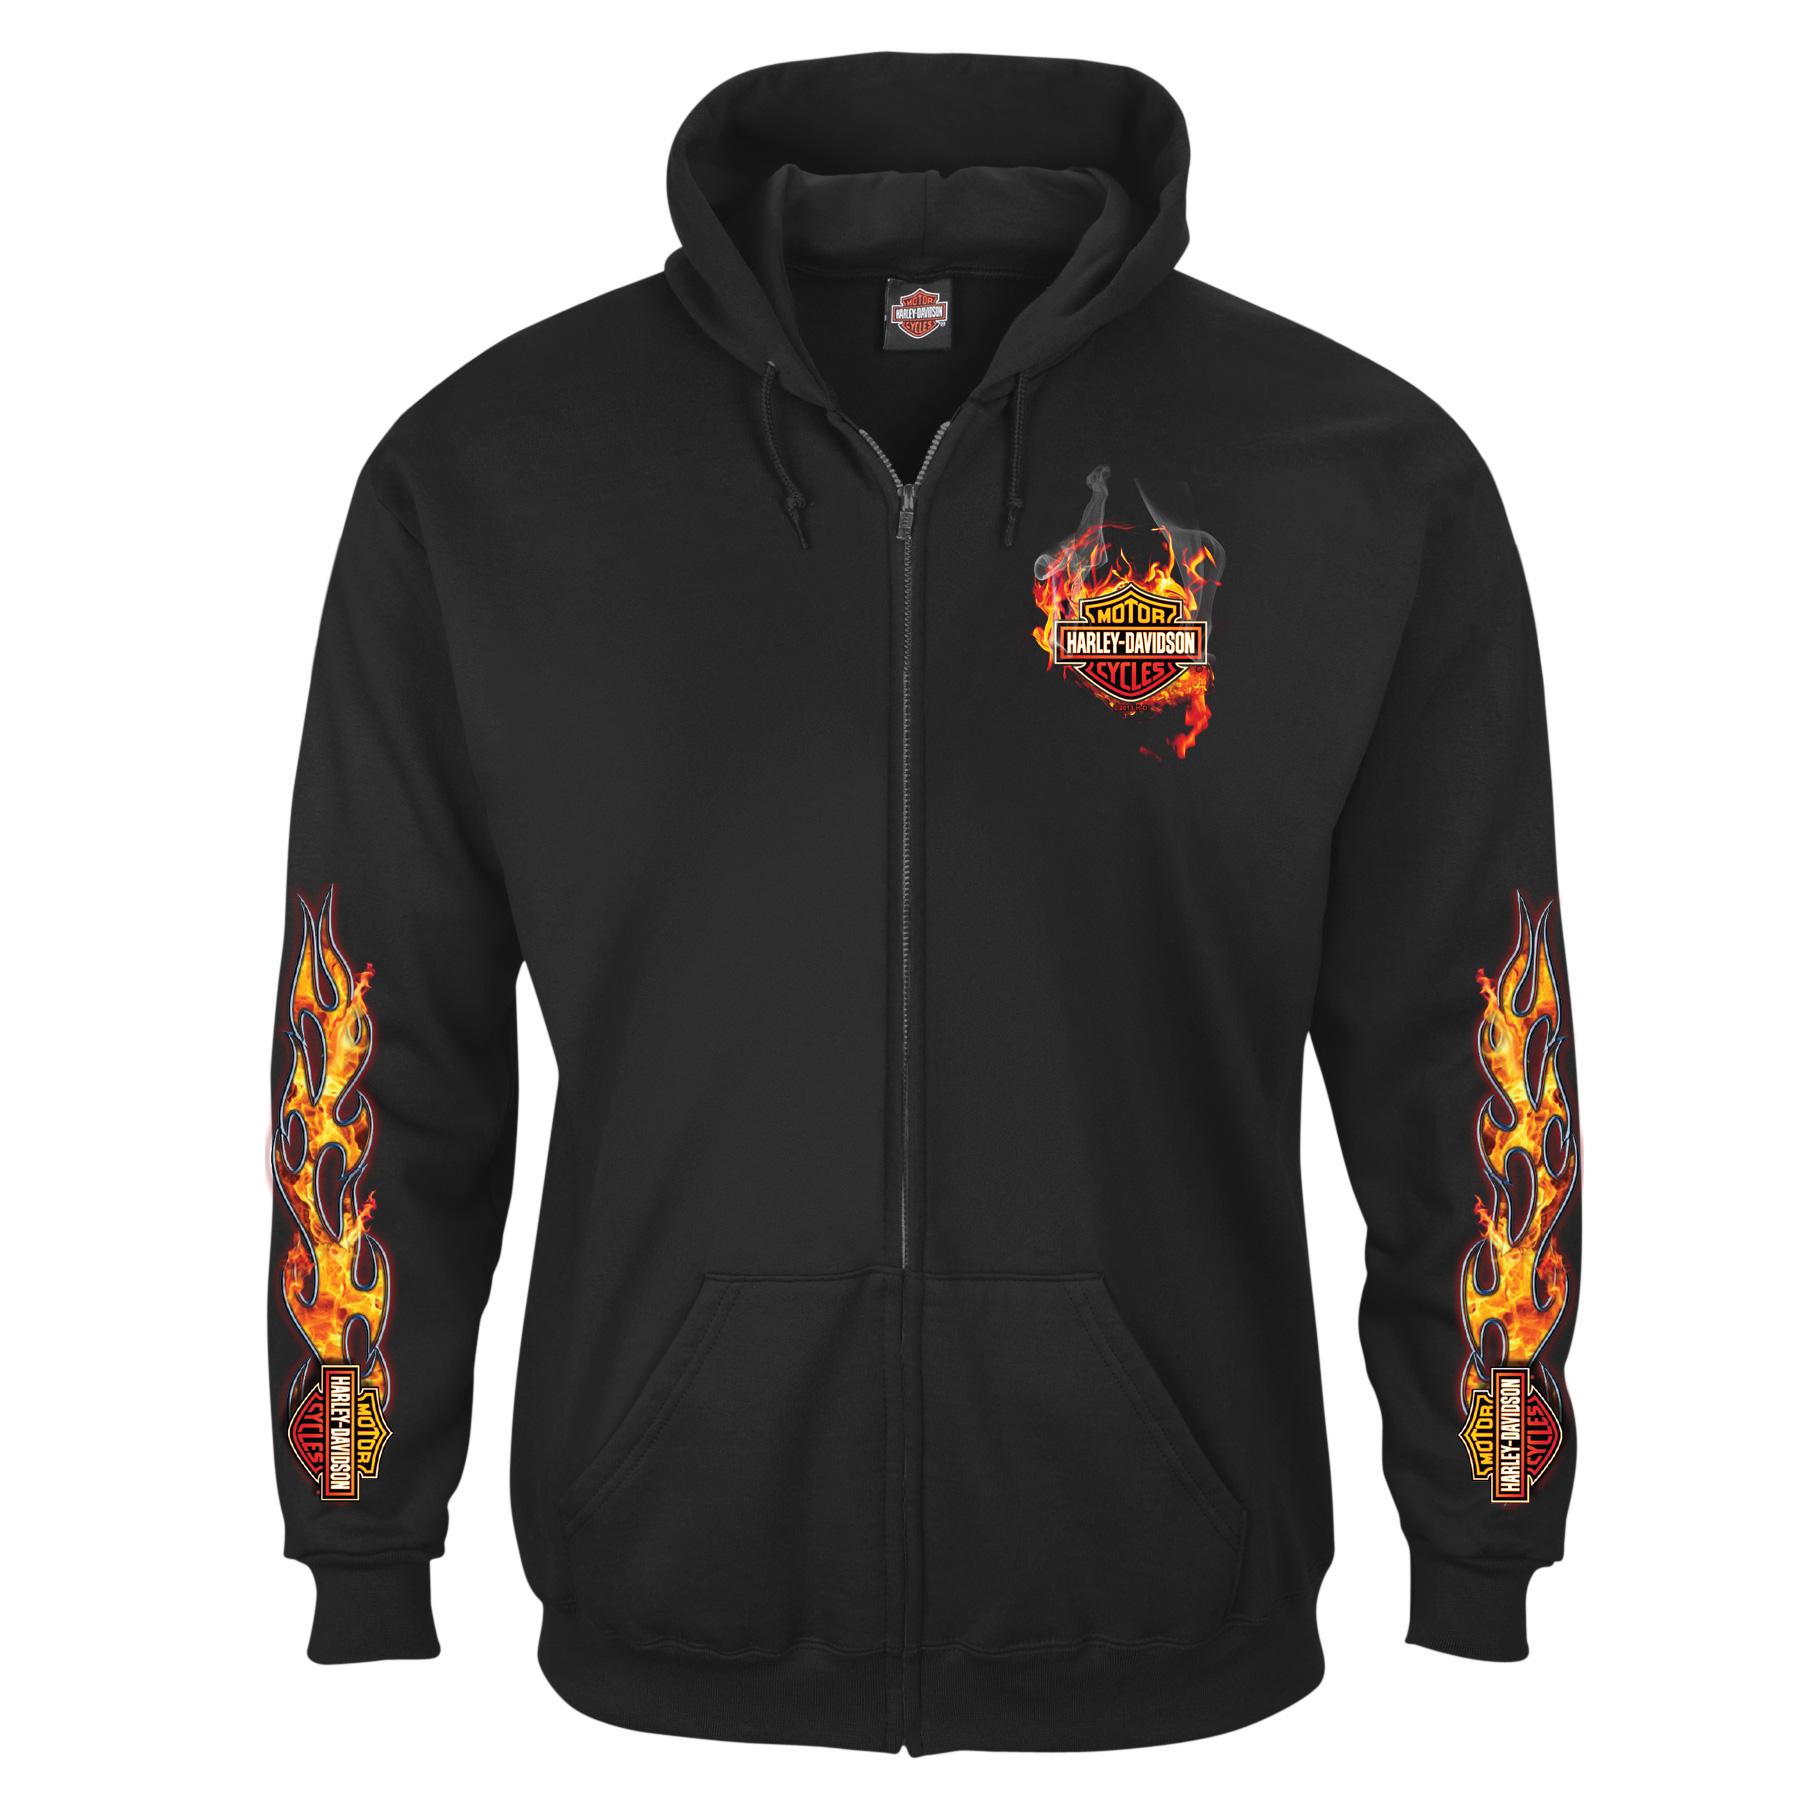 Harley-Davidson Hoodie Sweatshirt